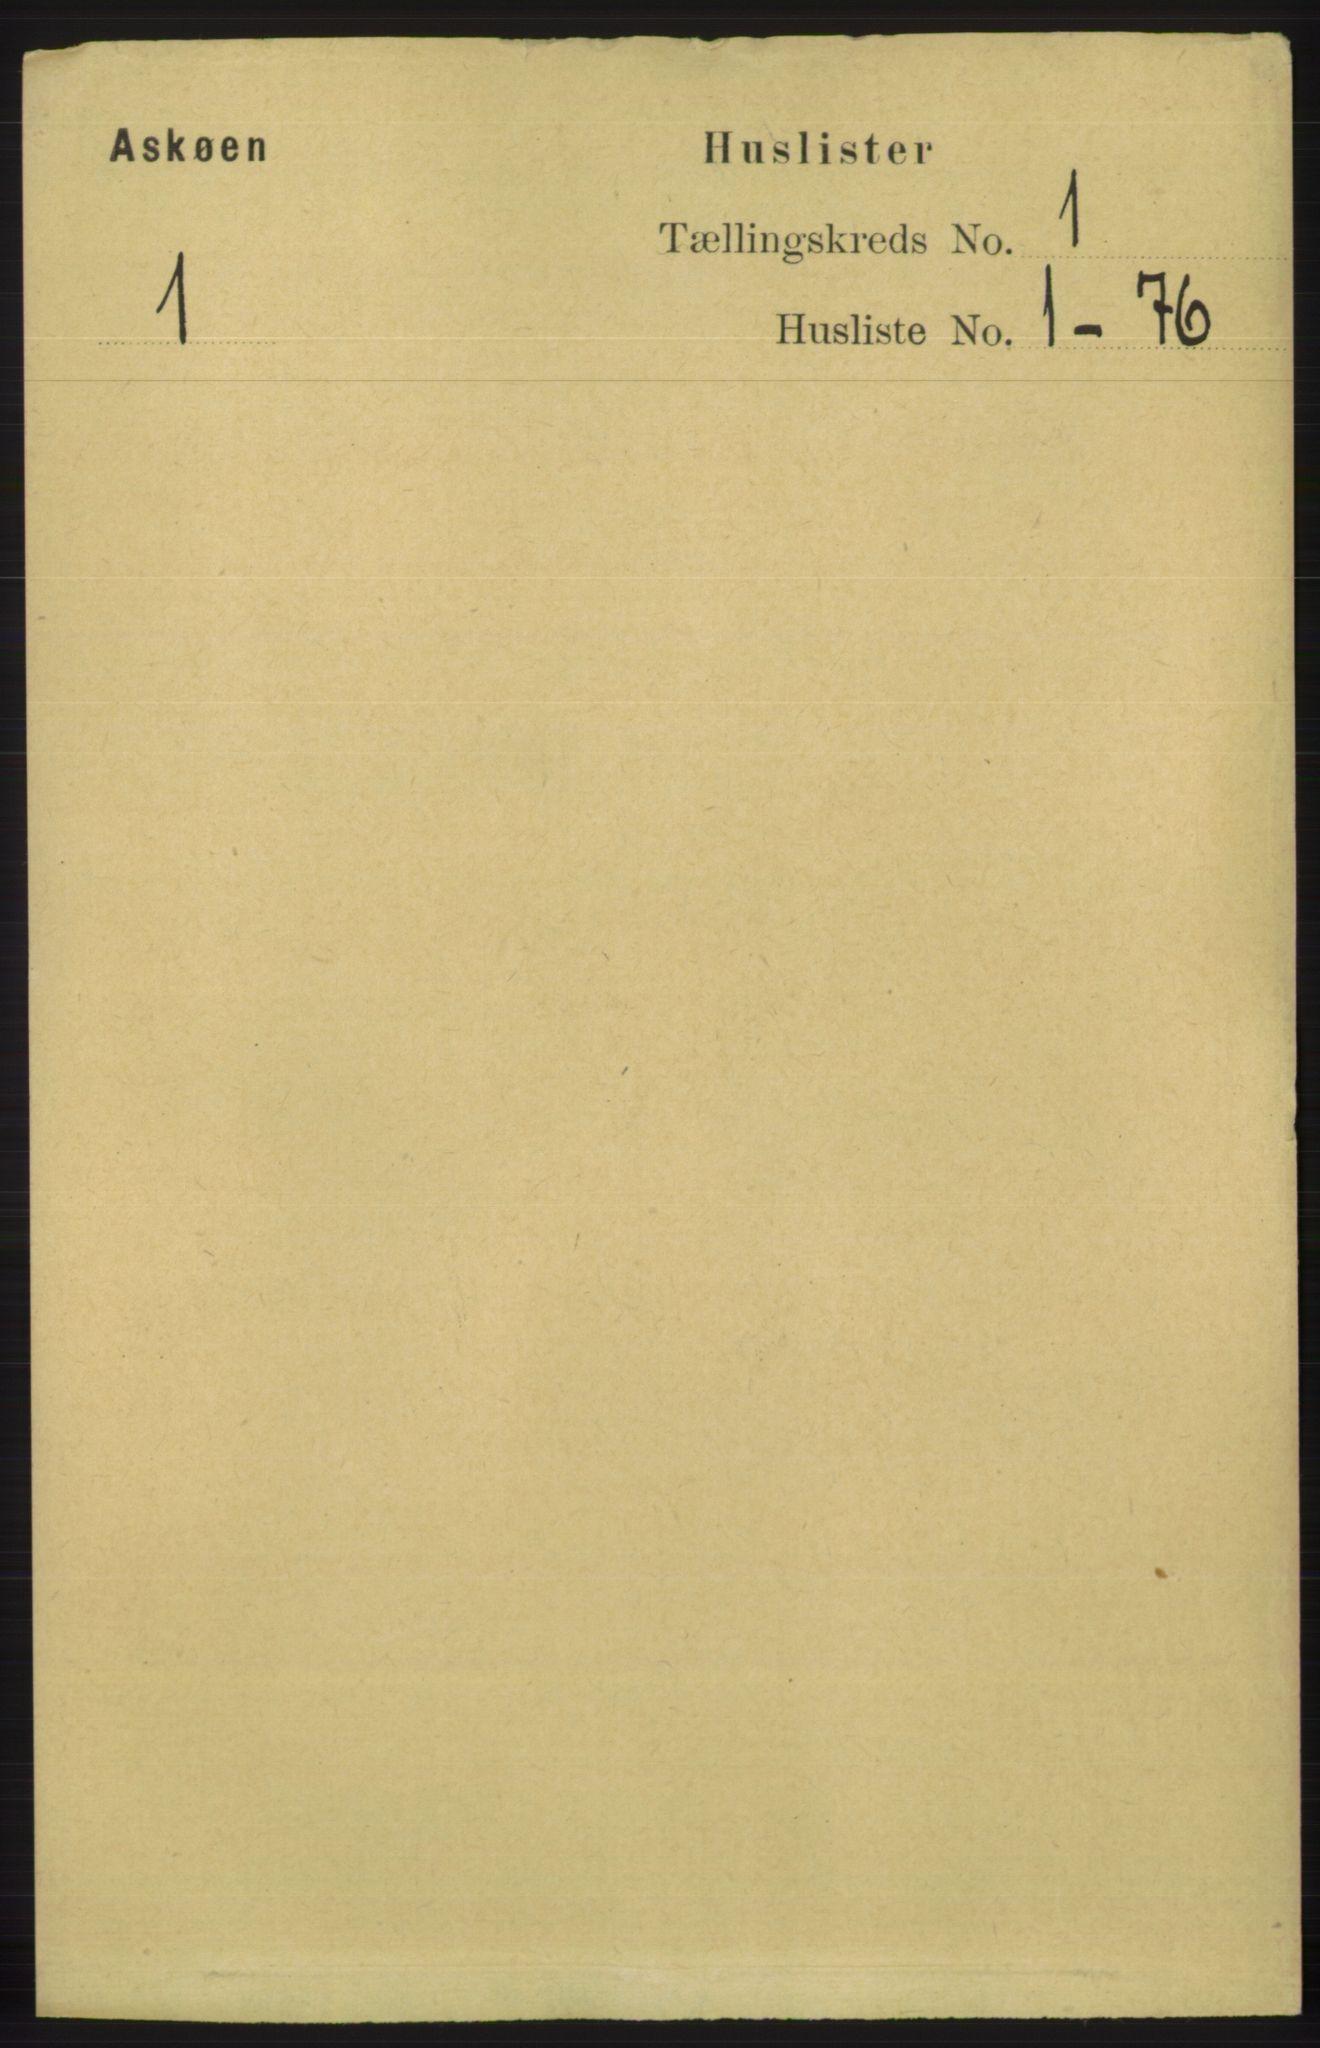 RA, Folketelling 1891 for 1247 Askøy herred, 1891, s. 36